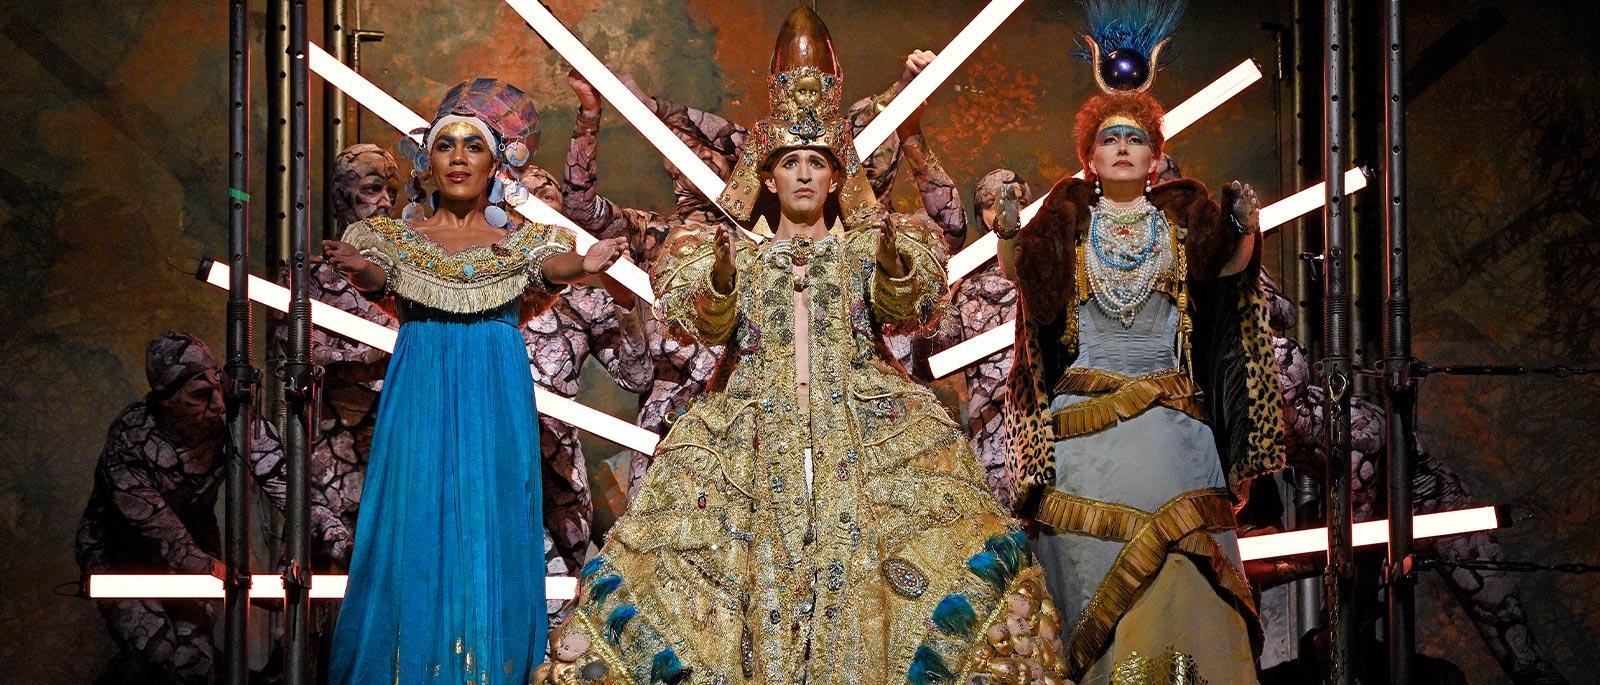 south-pasadena-news-06-20-2020-arts-this-week-07